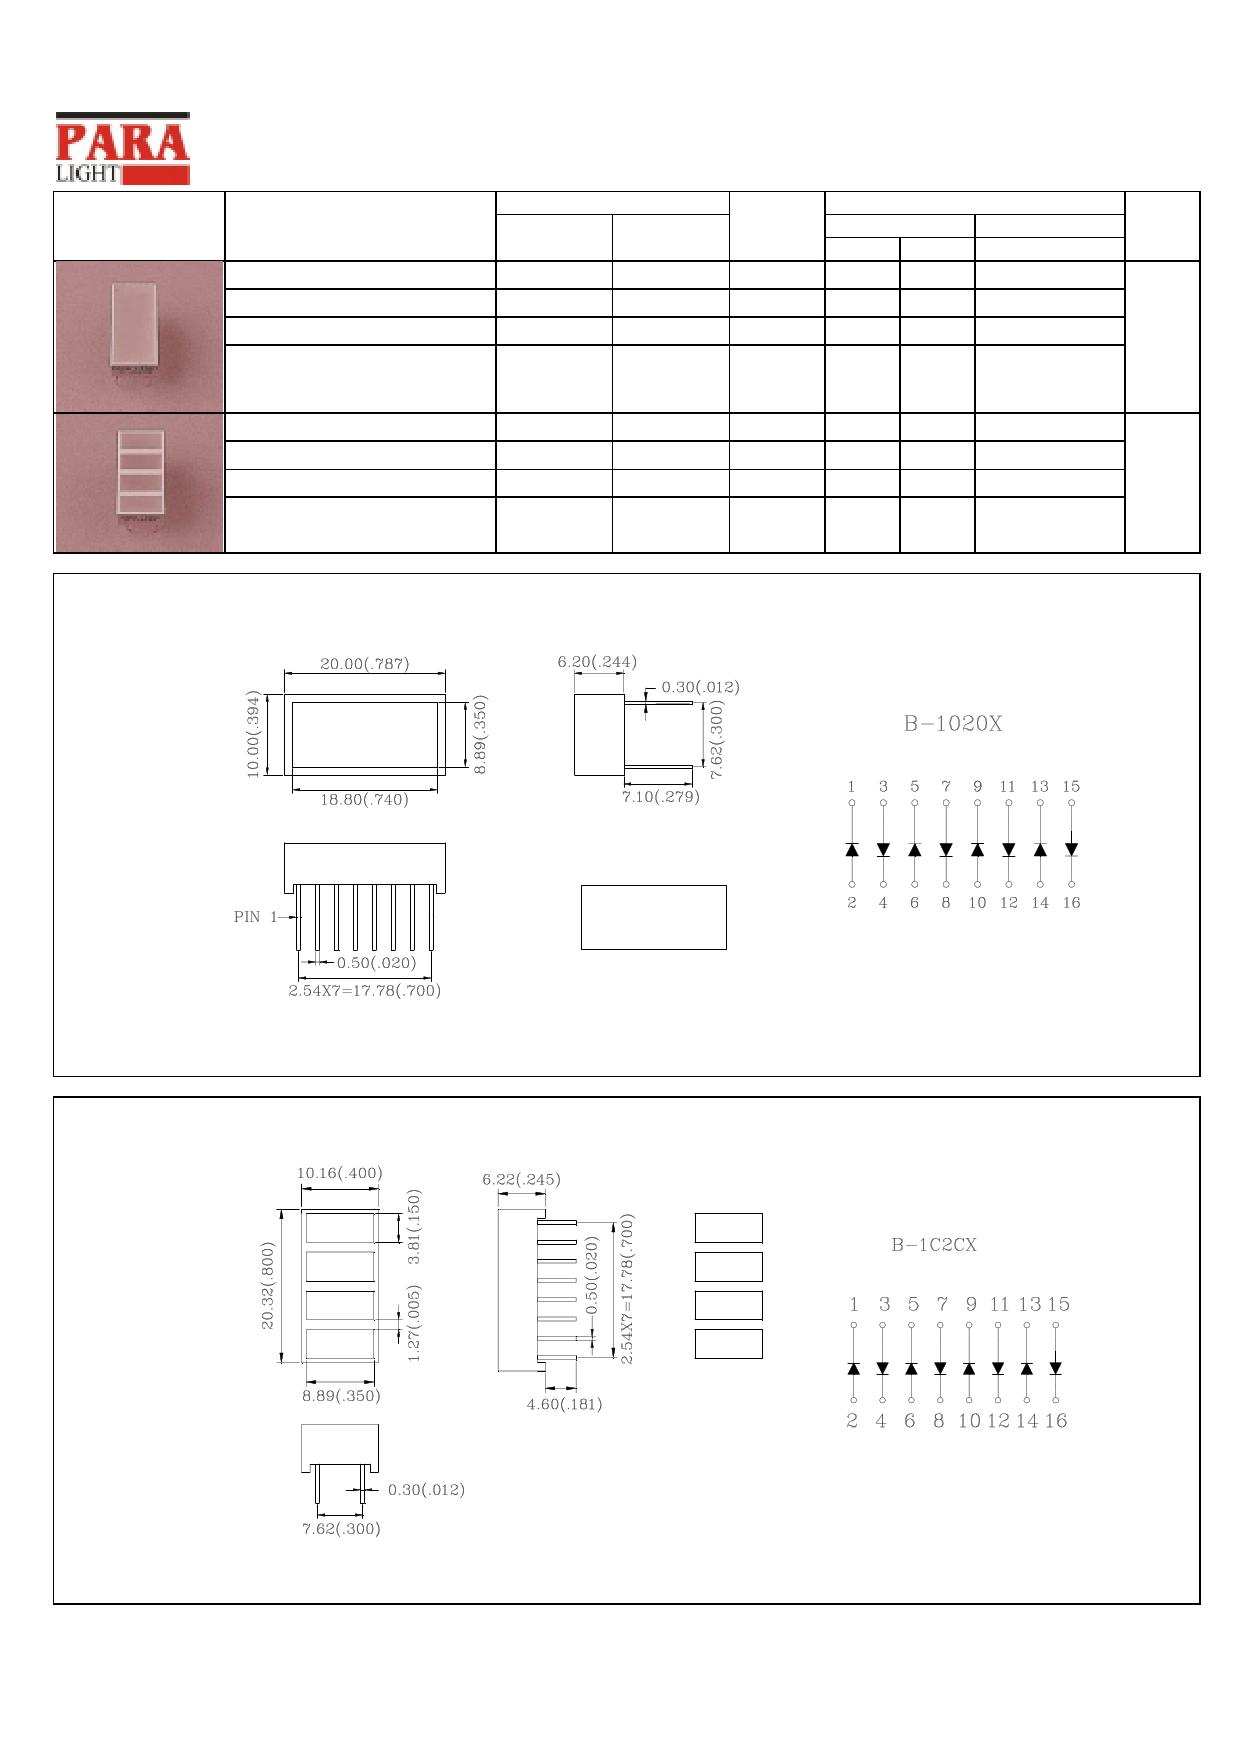 B-1020SR datasheet